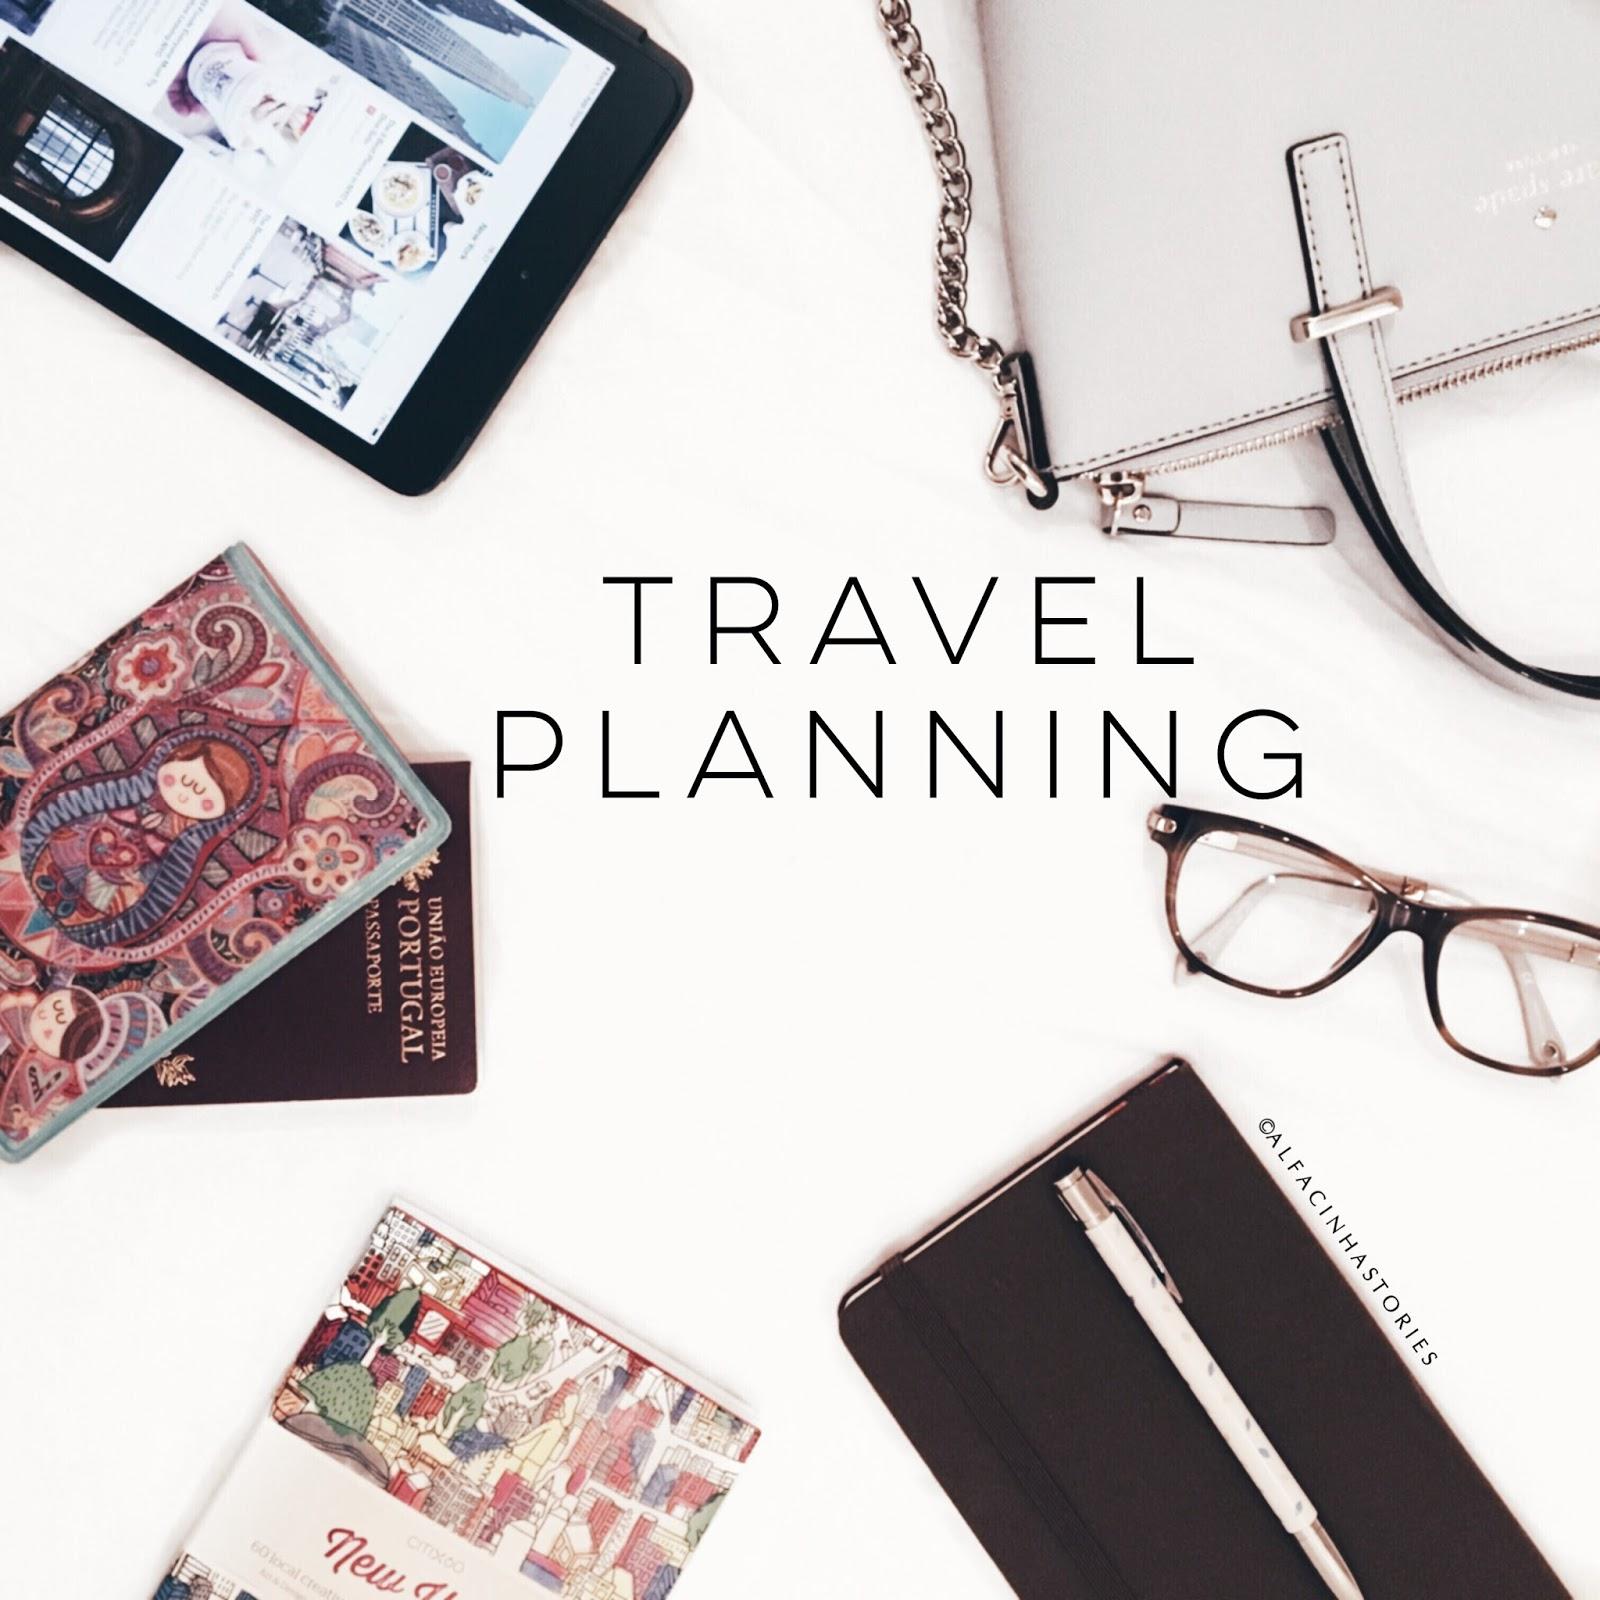 Planning a trip // Planear uma viagem